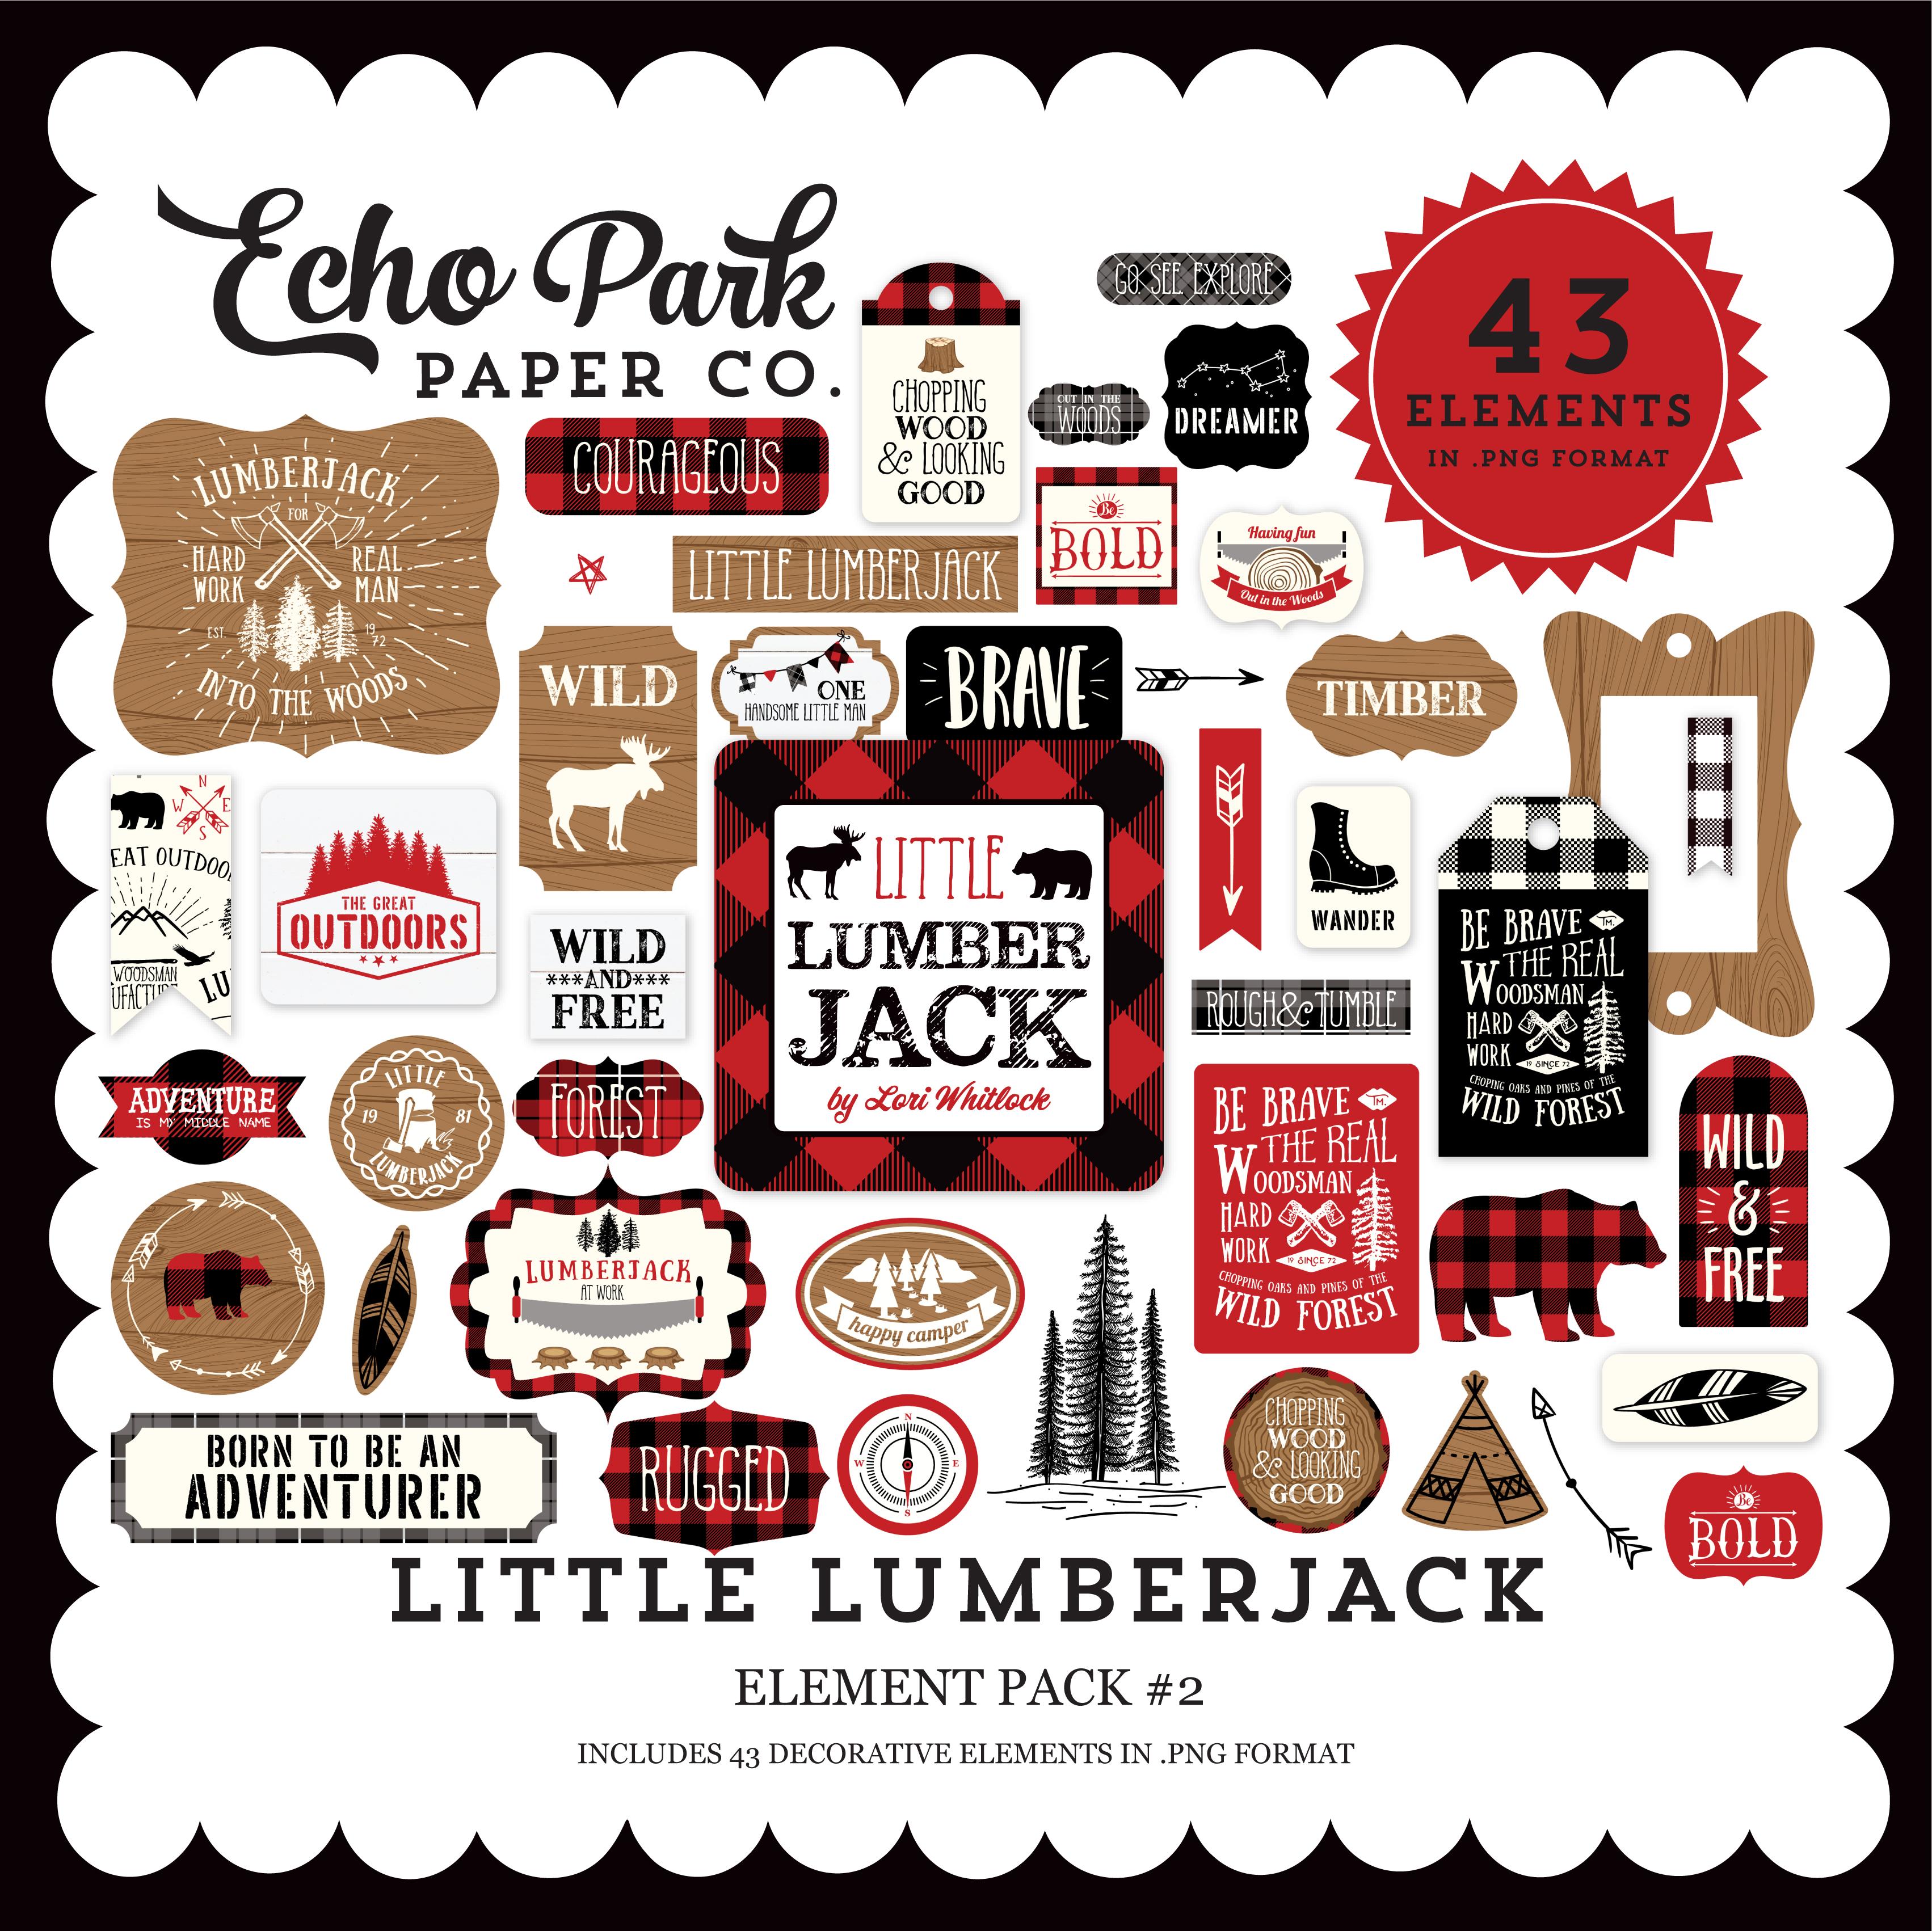 Little Lumberjack Element Pack #2